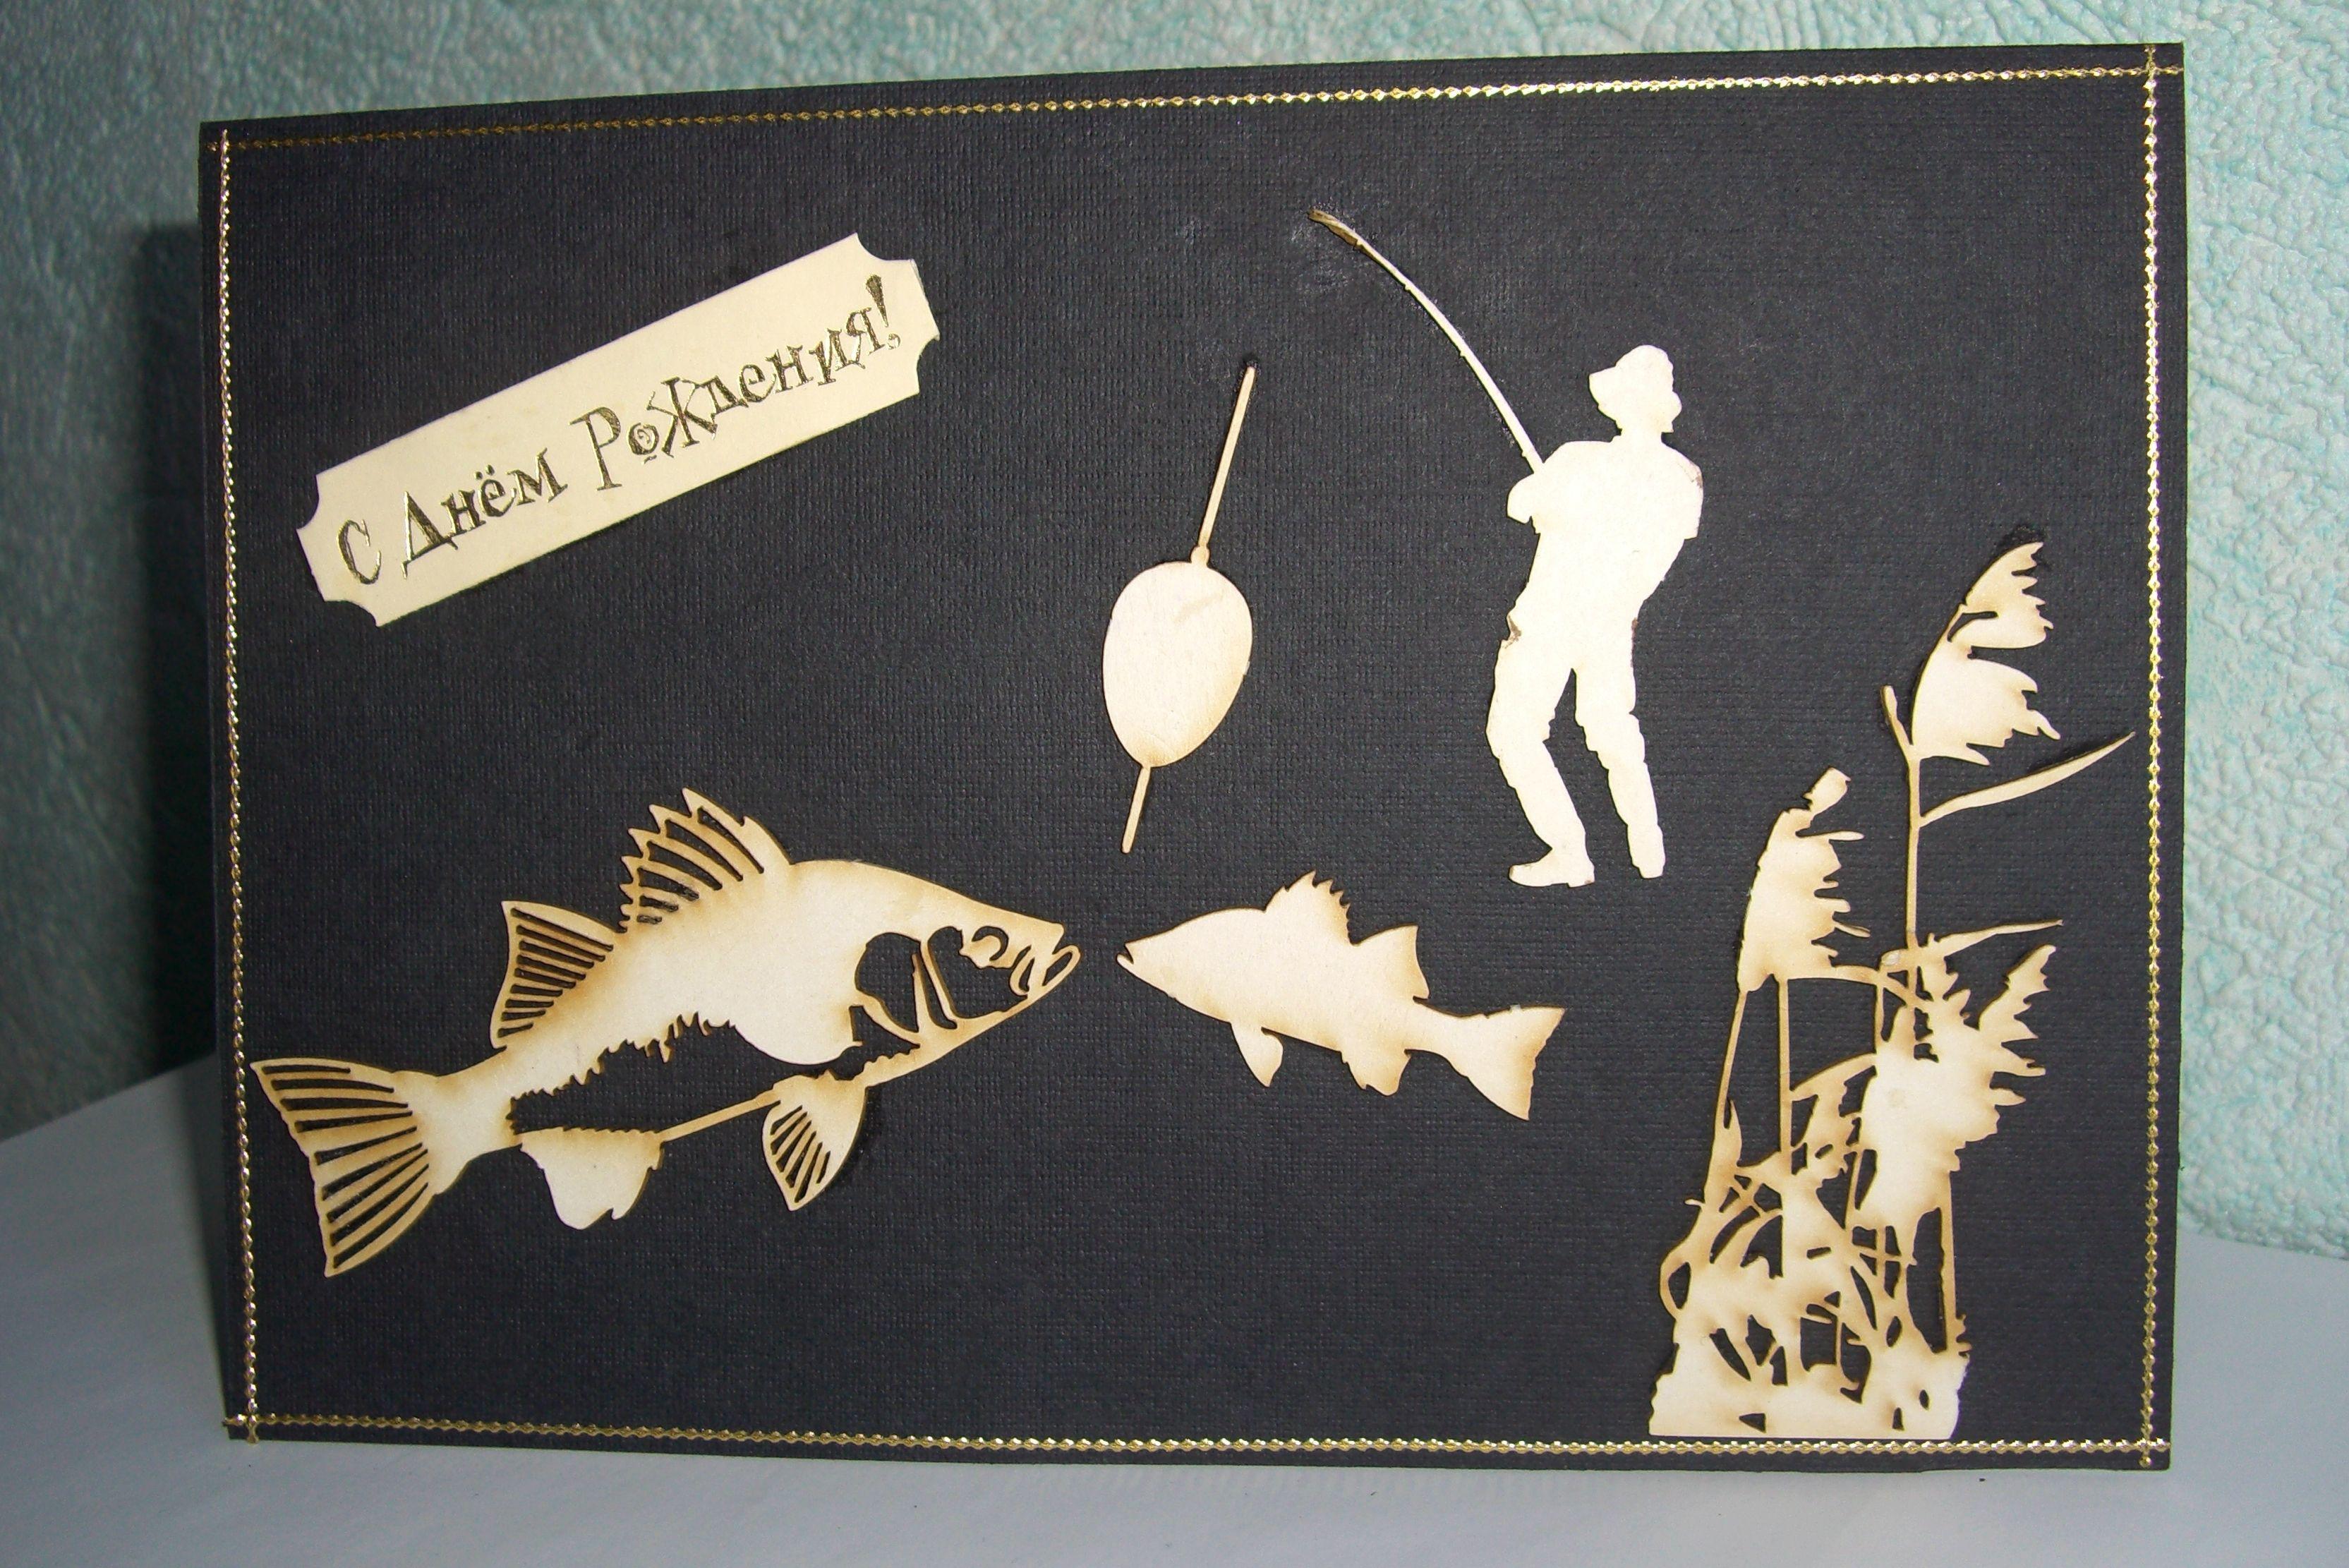 Открытка с днем рождения мужчине рыбаку своими руками из бумаги, толстых